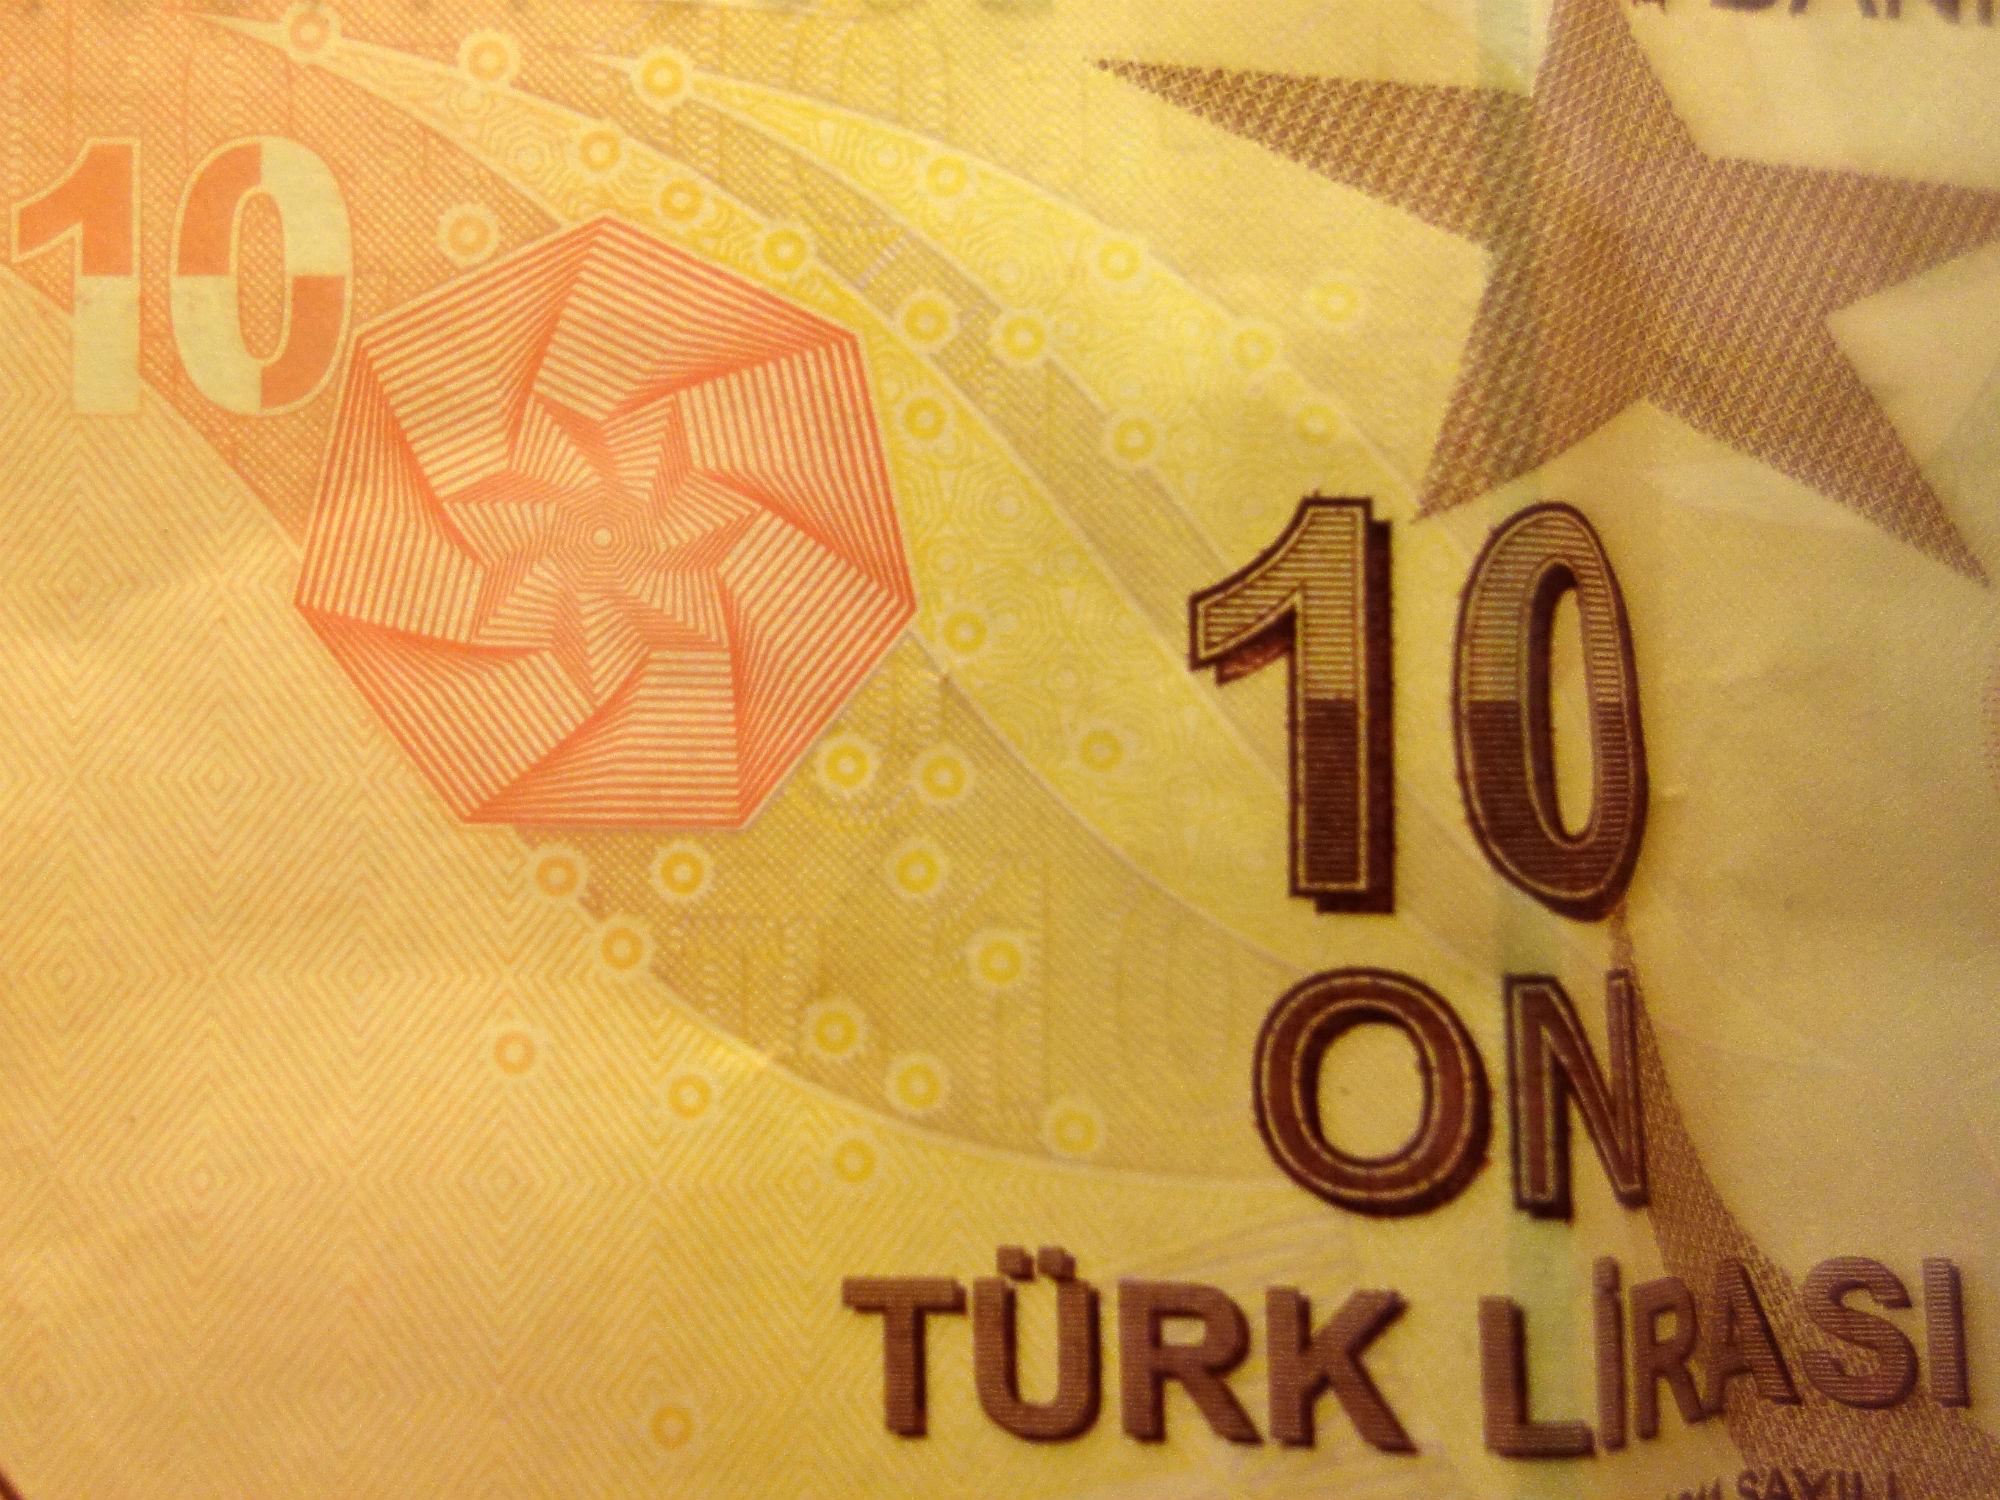 10 Türkische Lira (Banknote, Detail, 2009)